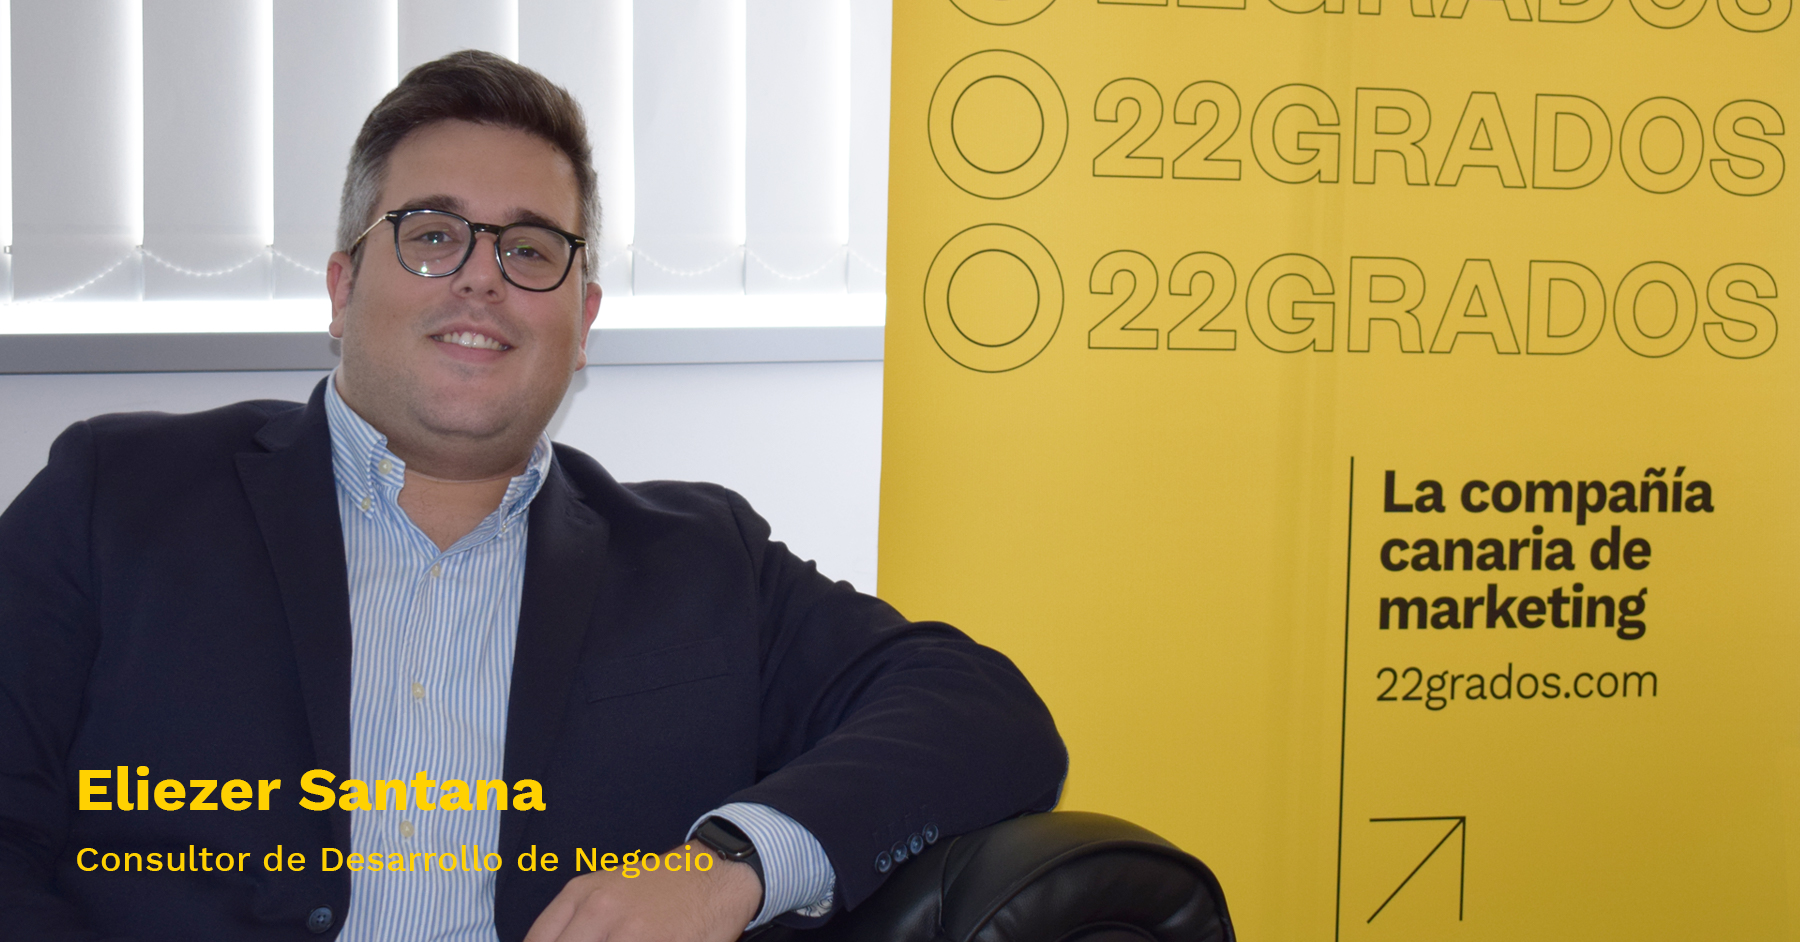 Eliezer Santana, nuevo consultor del equipo de Desarrollo de Negocio